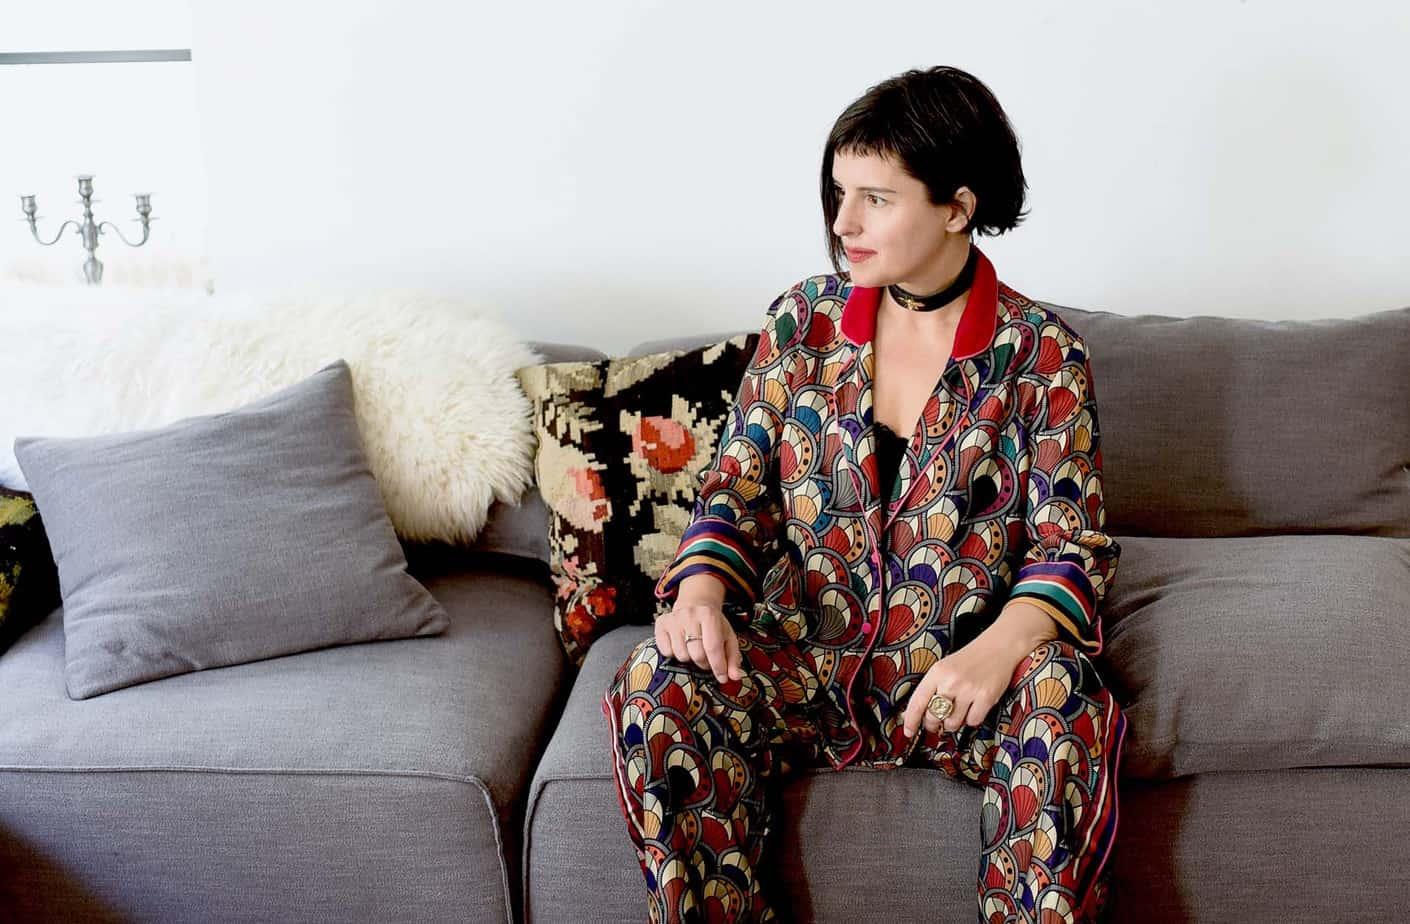 לארה רוסנובסקי, מעצבת אופנה, צילום לימור יערי - 30